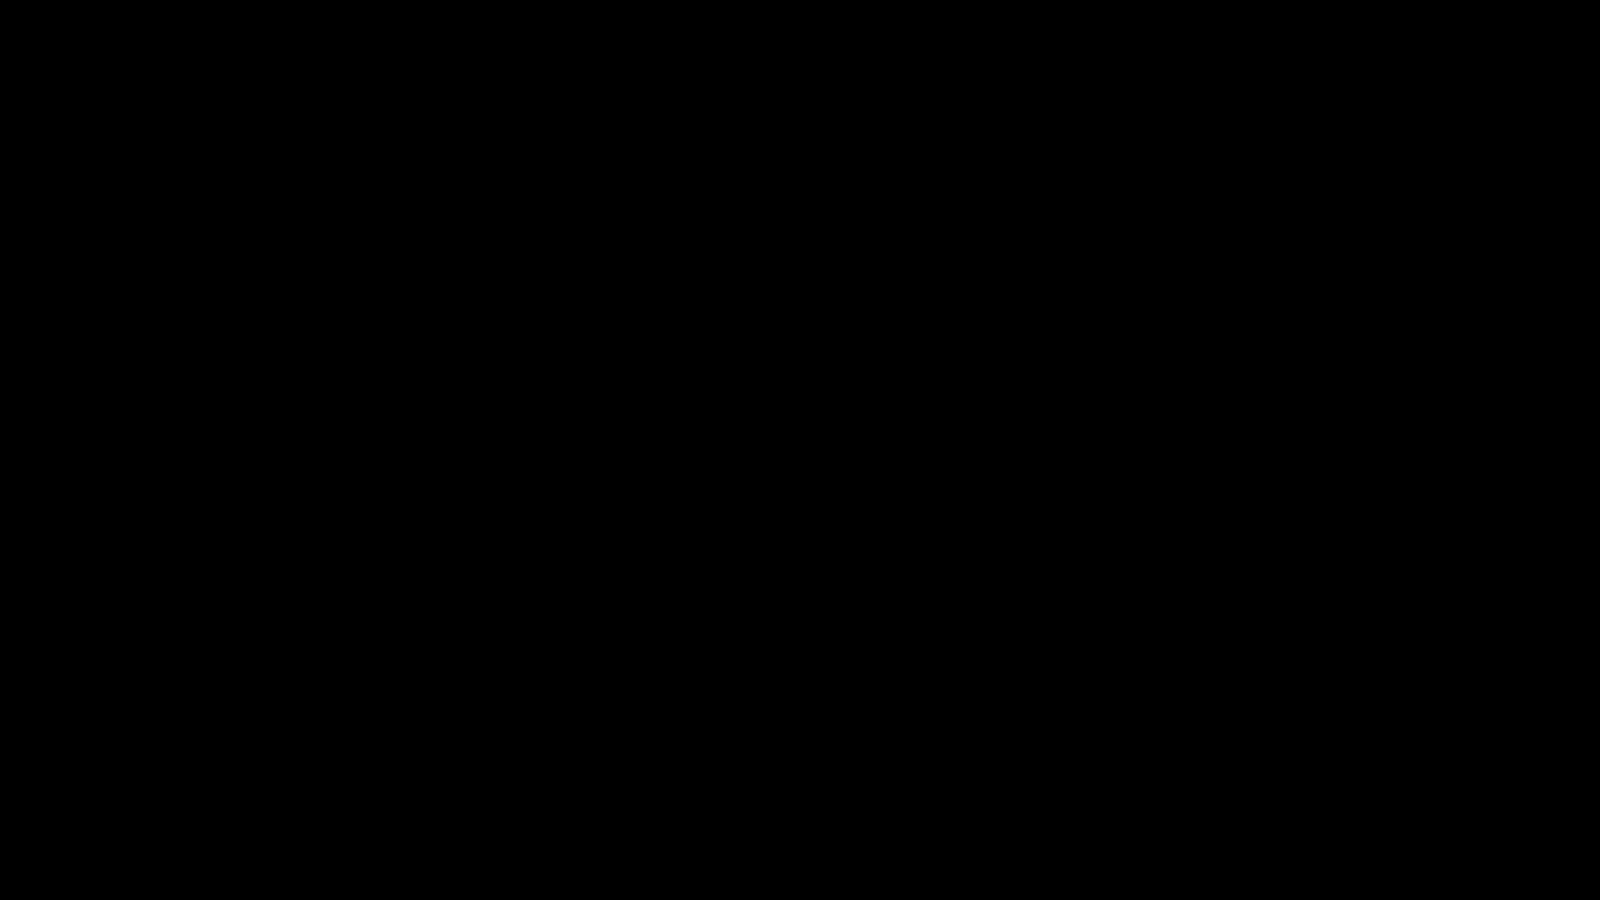 Lacinho pontilhado